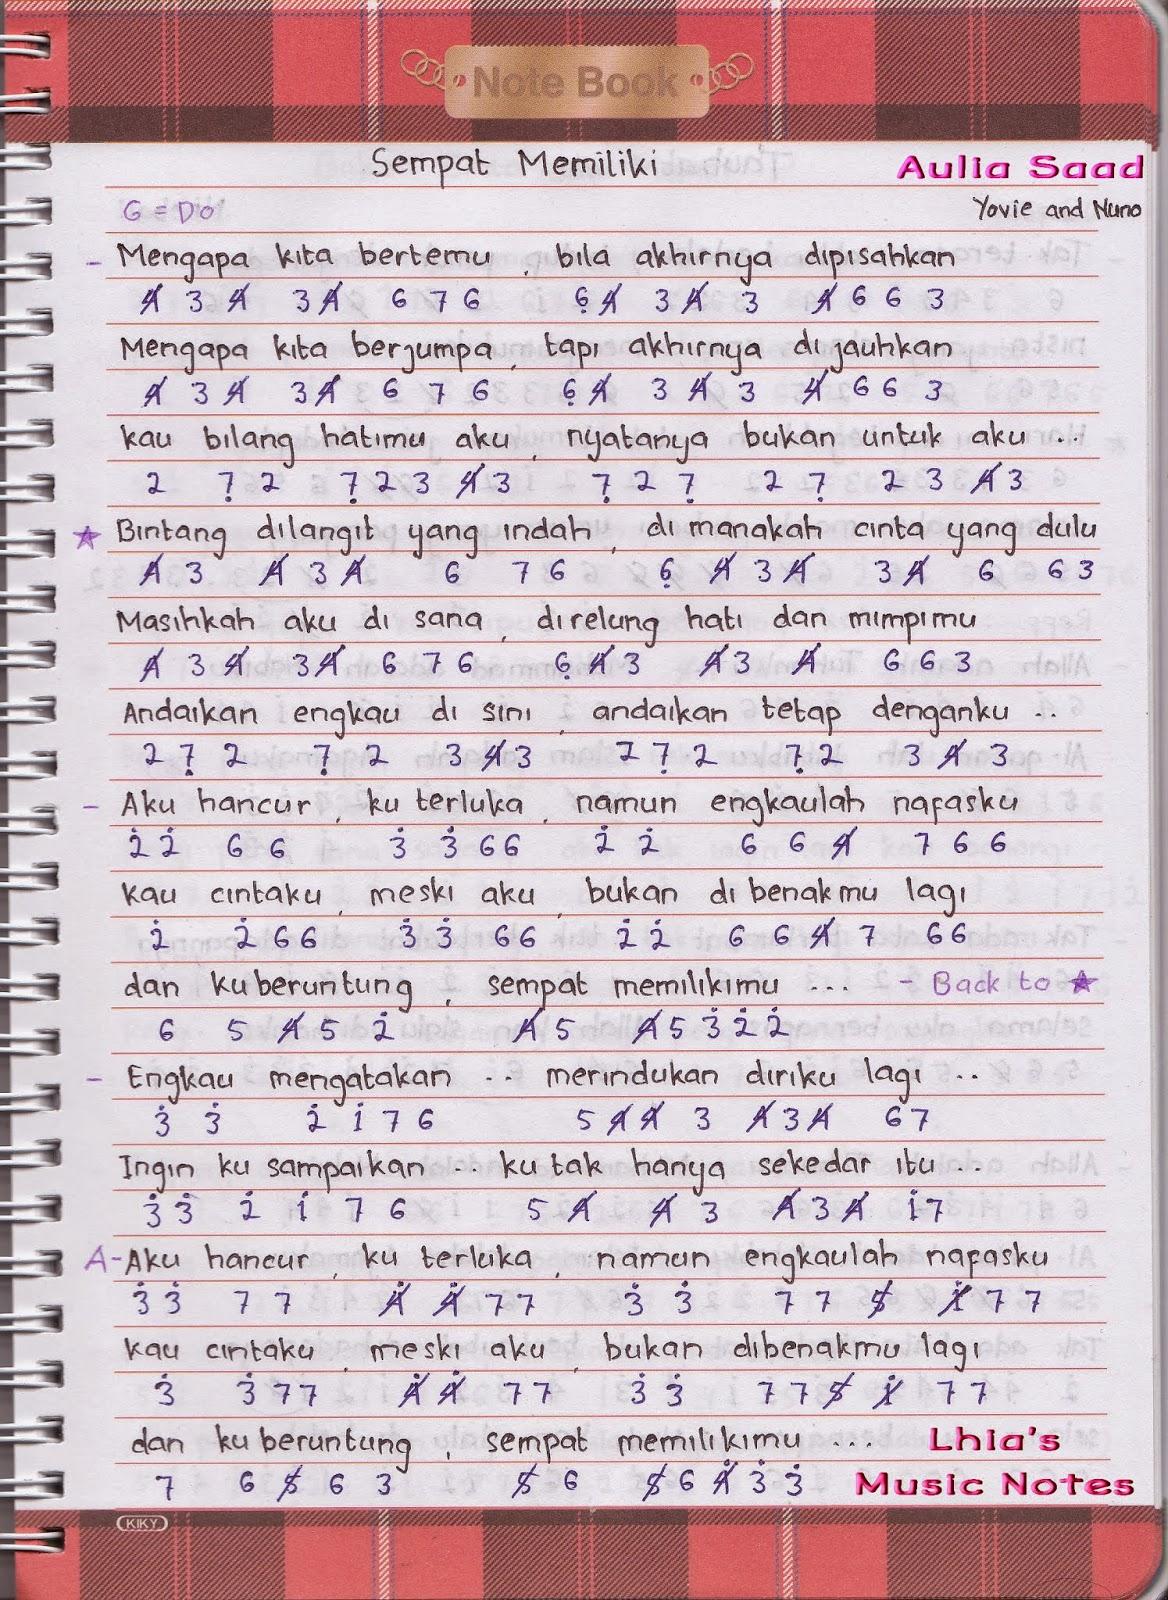 Chord Armada Apa Kabar Sayang : chord, armada, kabar, sayang, Lhianaaulia, Lhia's, Music, Notes, Laman